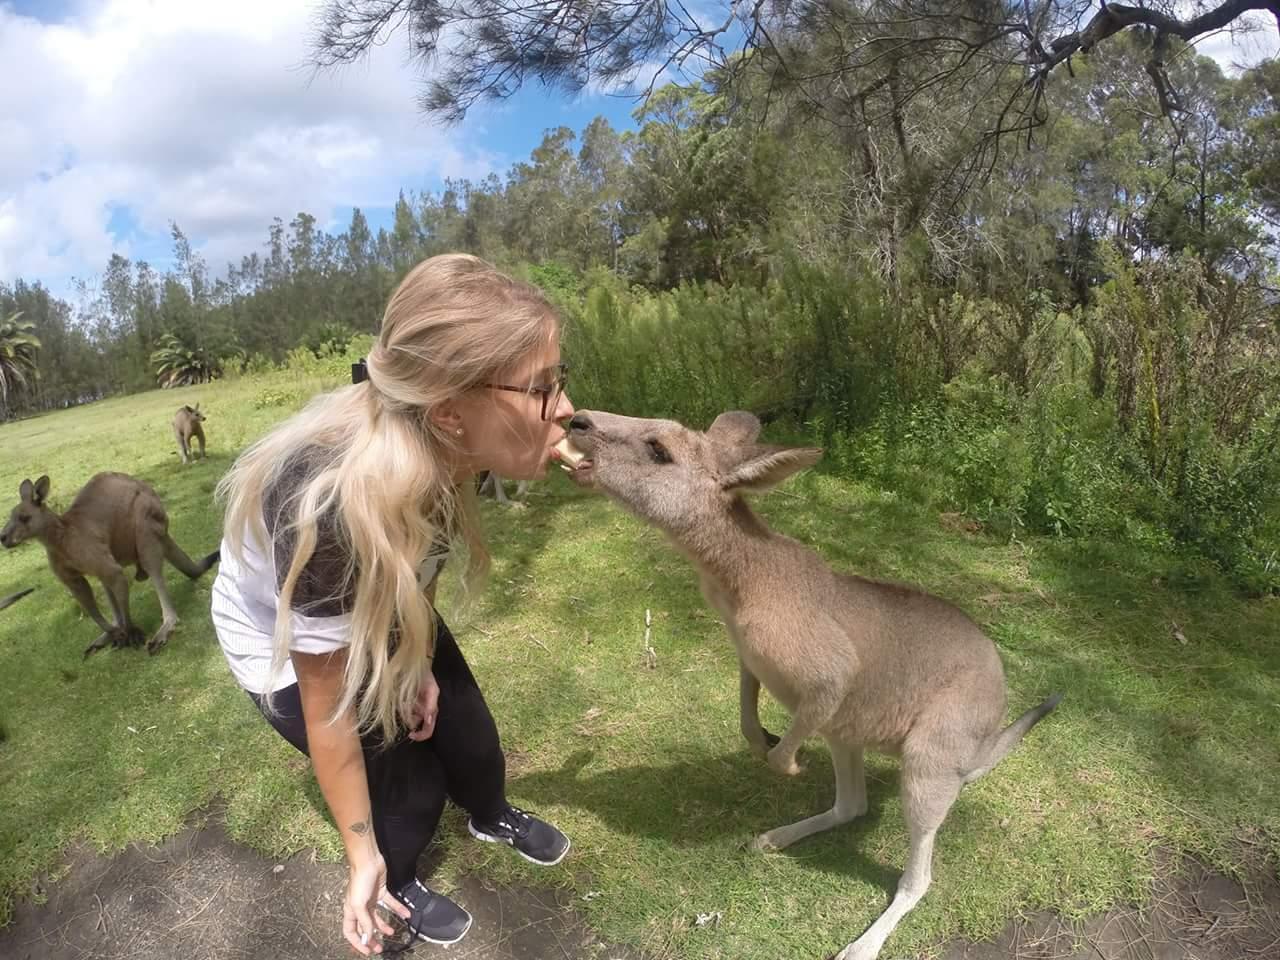 Coiffeuse en Australie - Kangourou